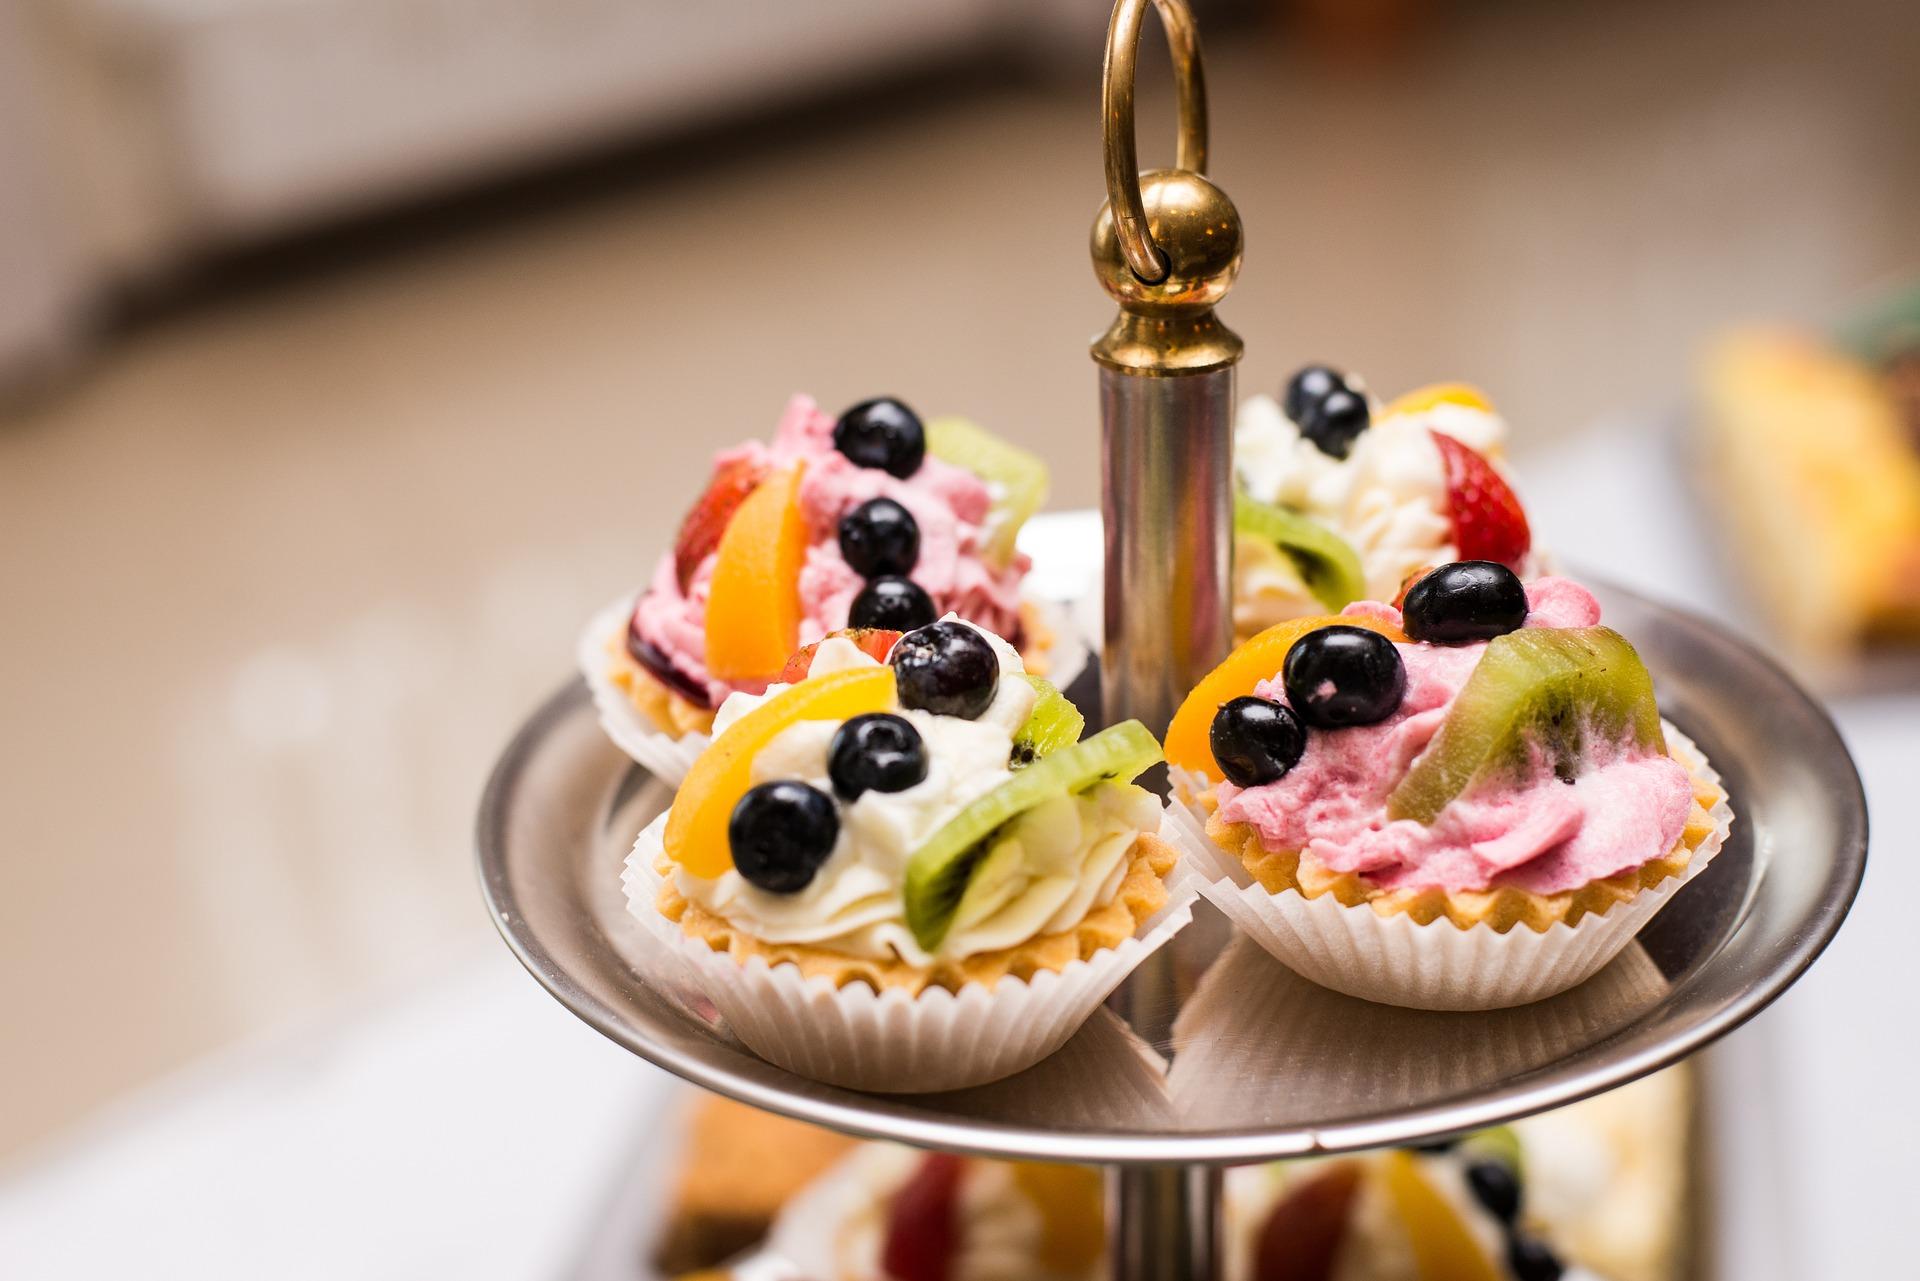 cakes-997672_1920